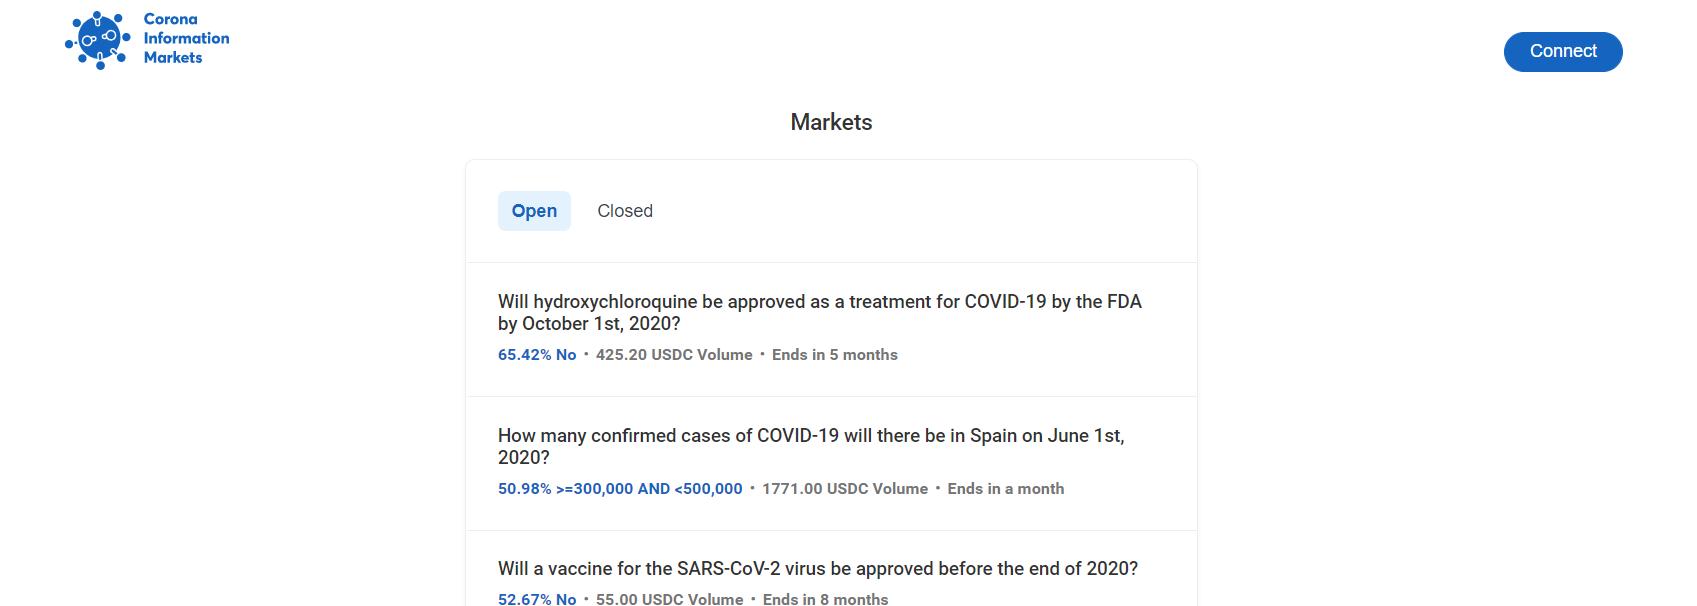 Специалисты стартапа Gnosis предложили пользователям заработать на коронавирусе